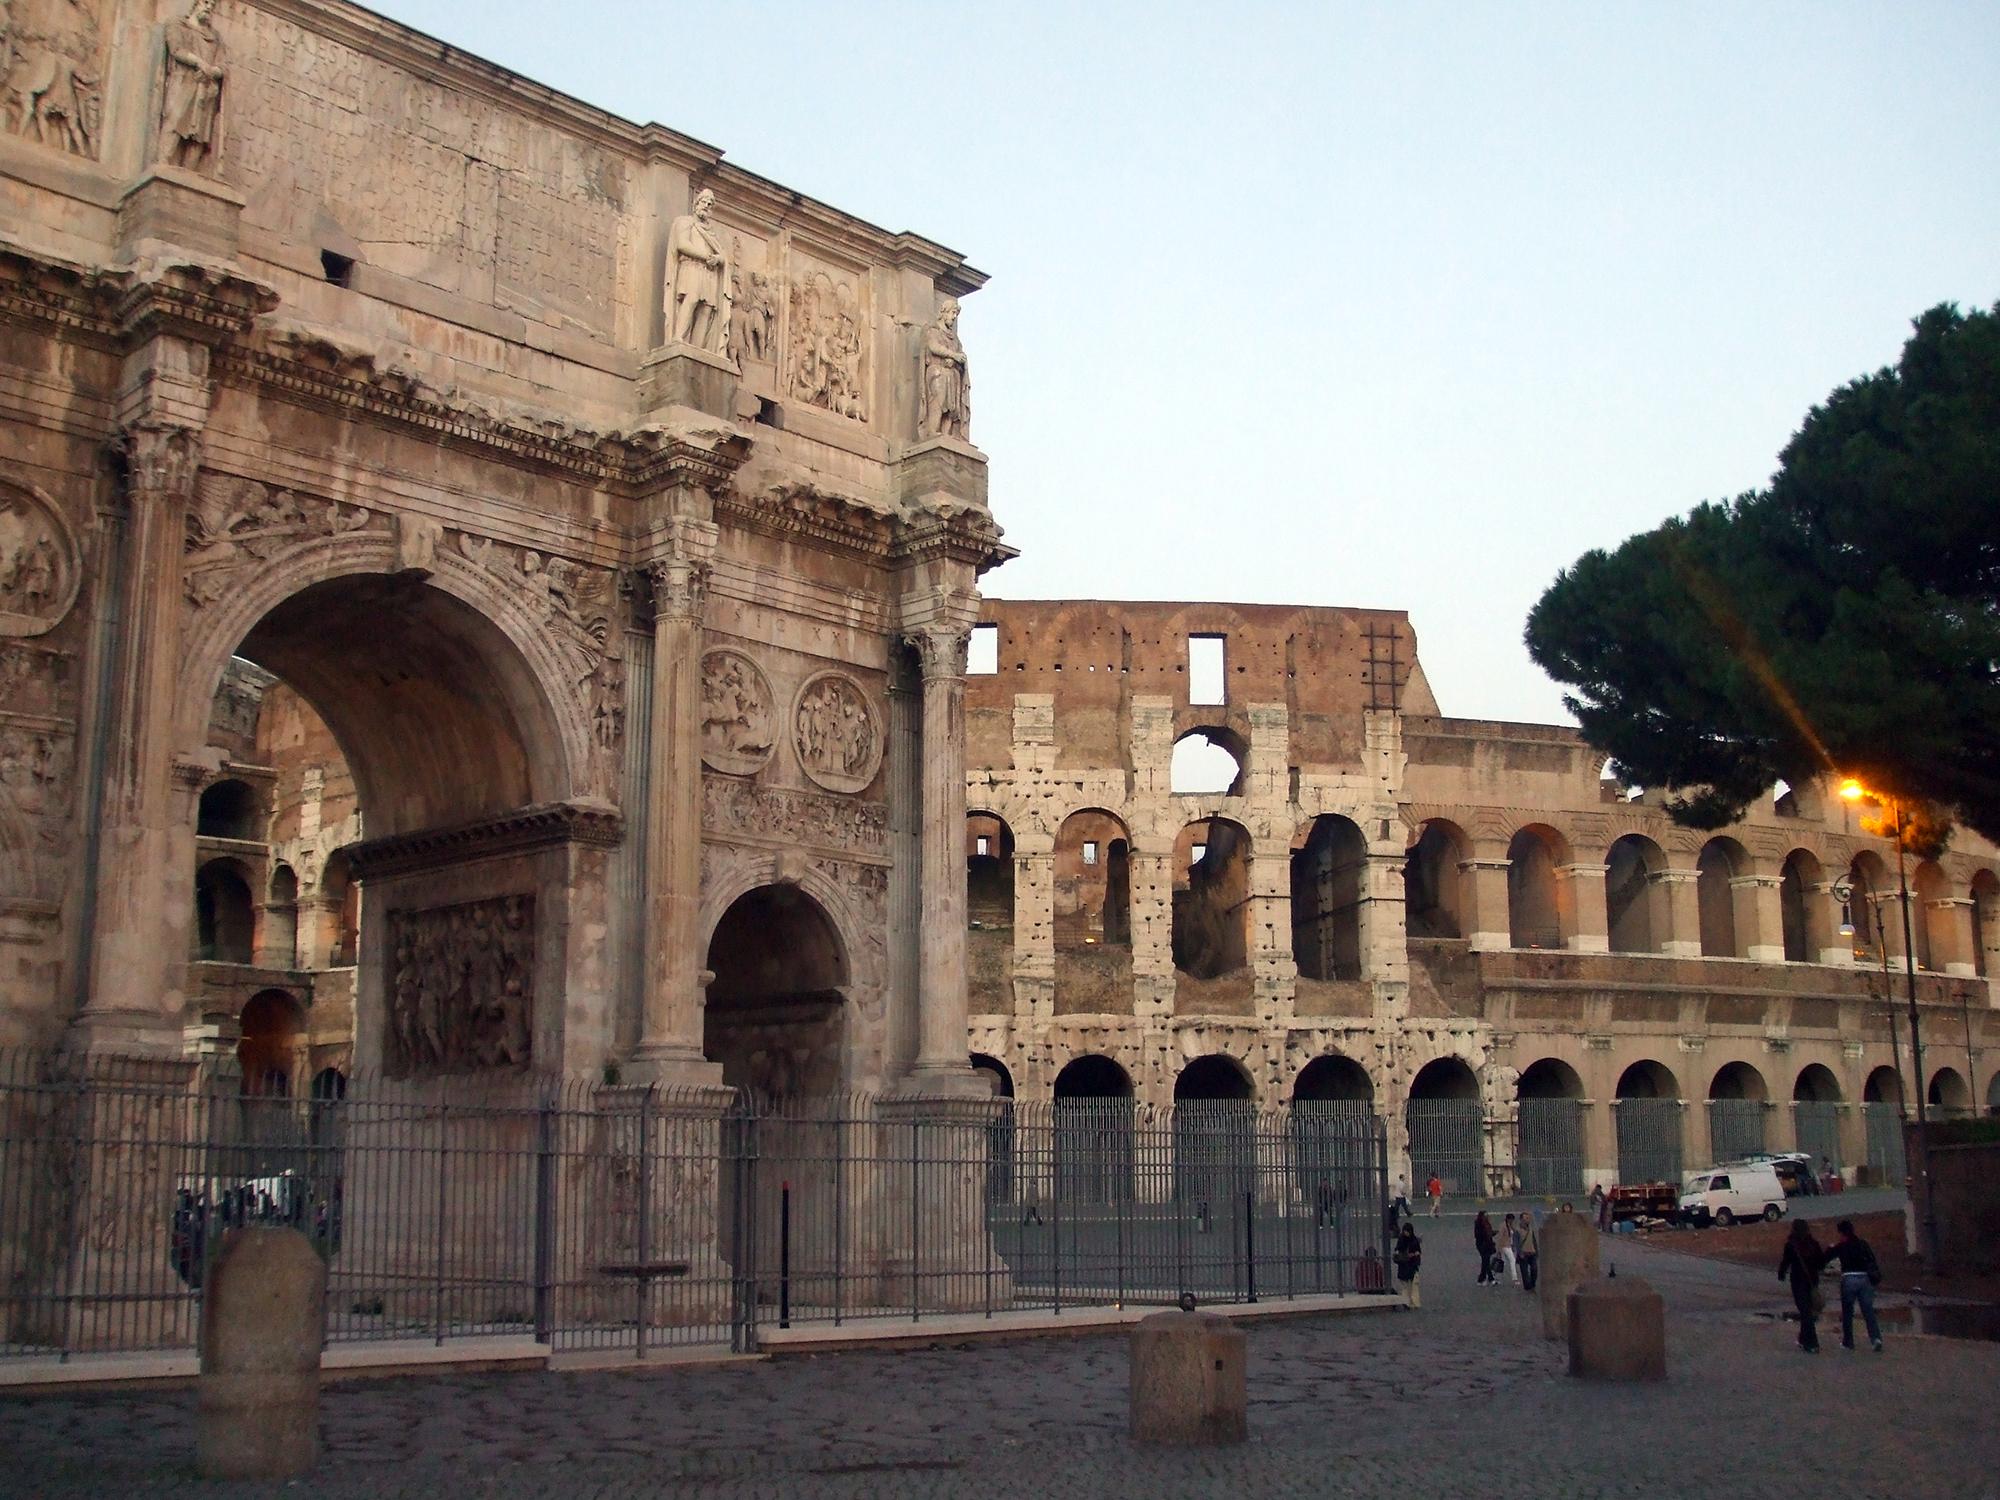 El Coliseo de Roma ENIT Turismo Italiano Afuegolento